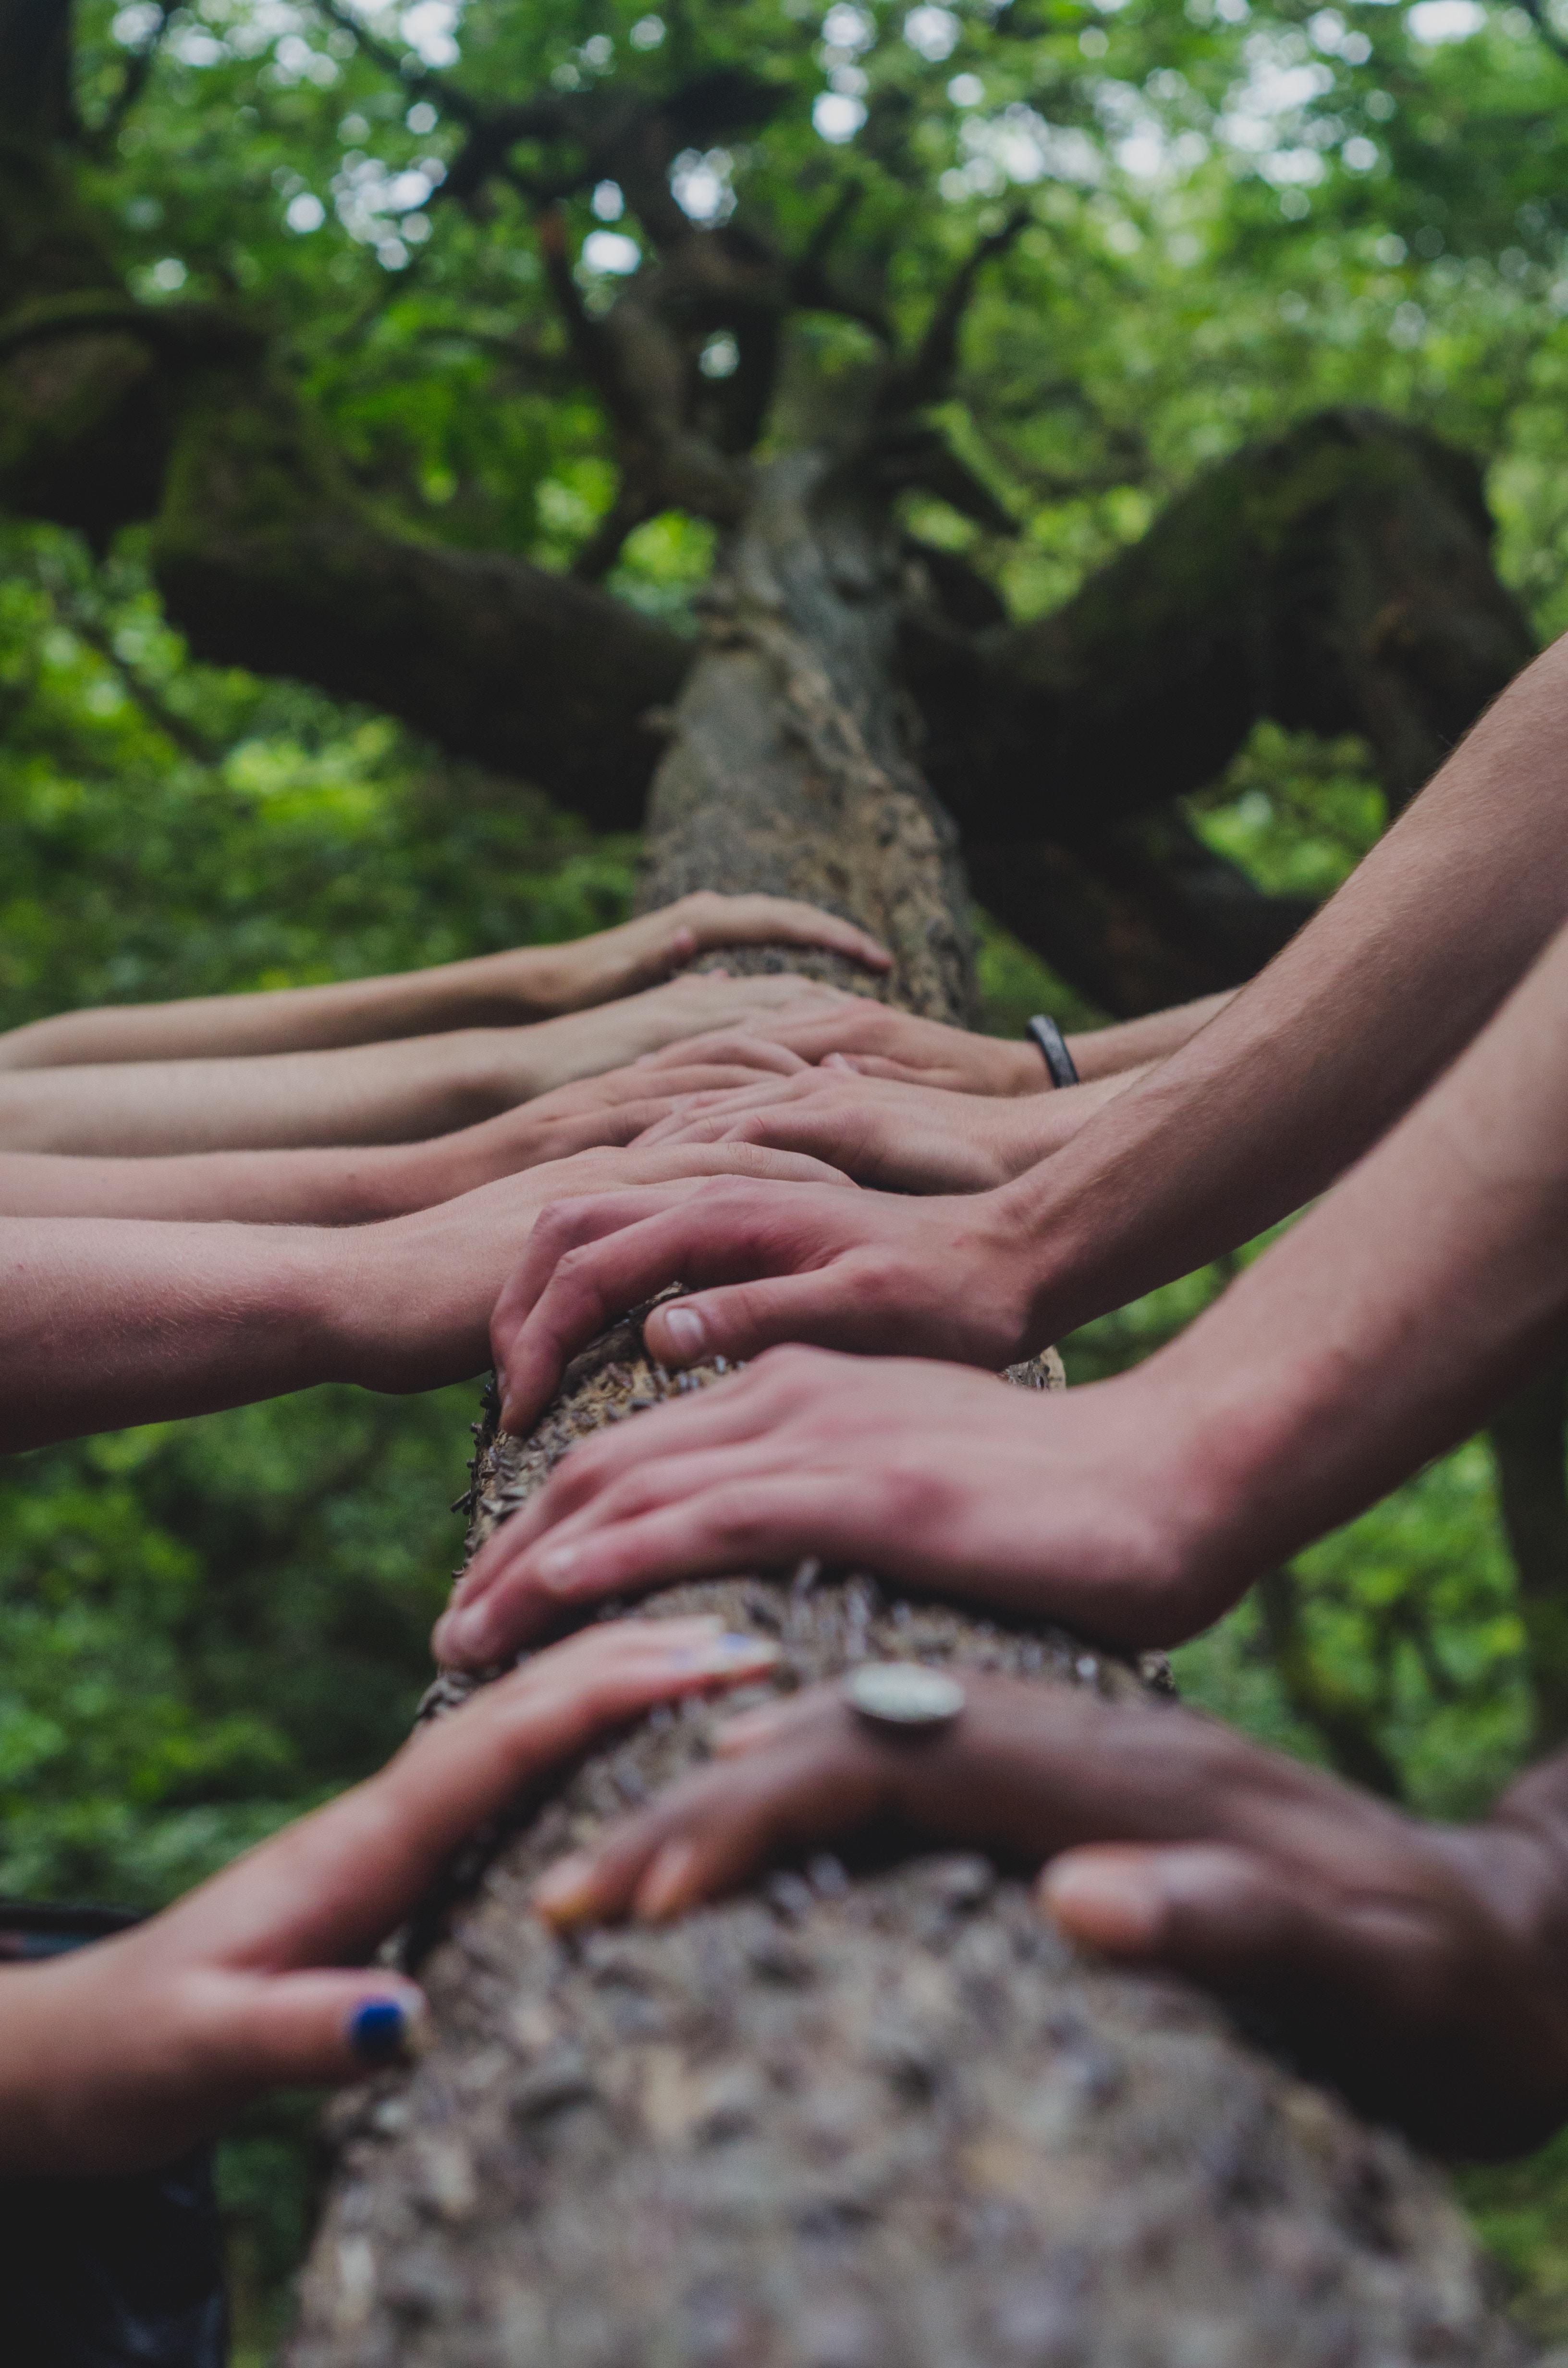 ihmiset pitelevät käsillään puun runkoa